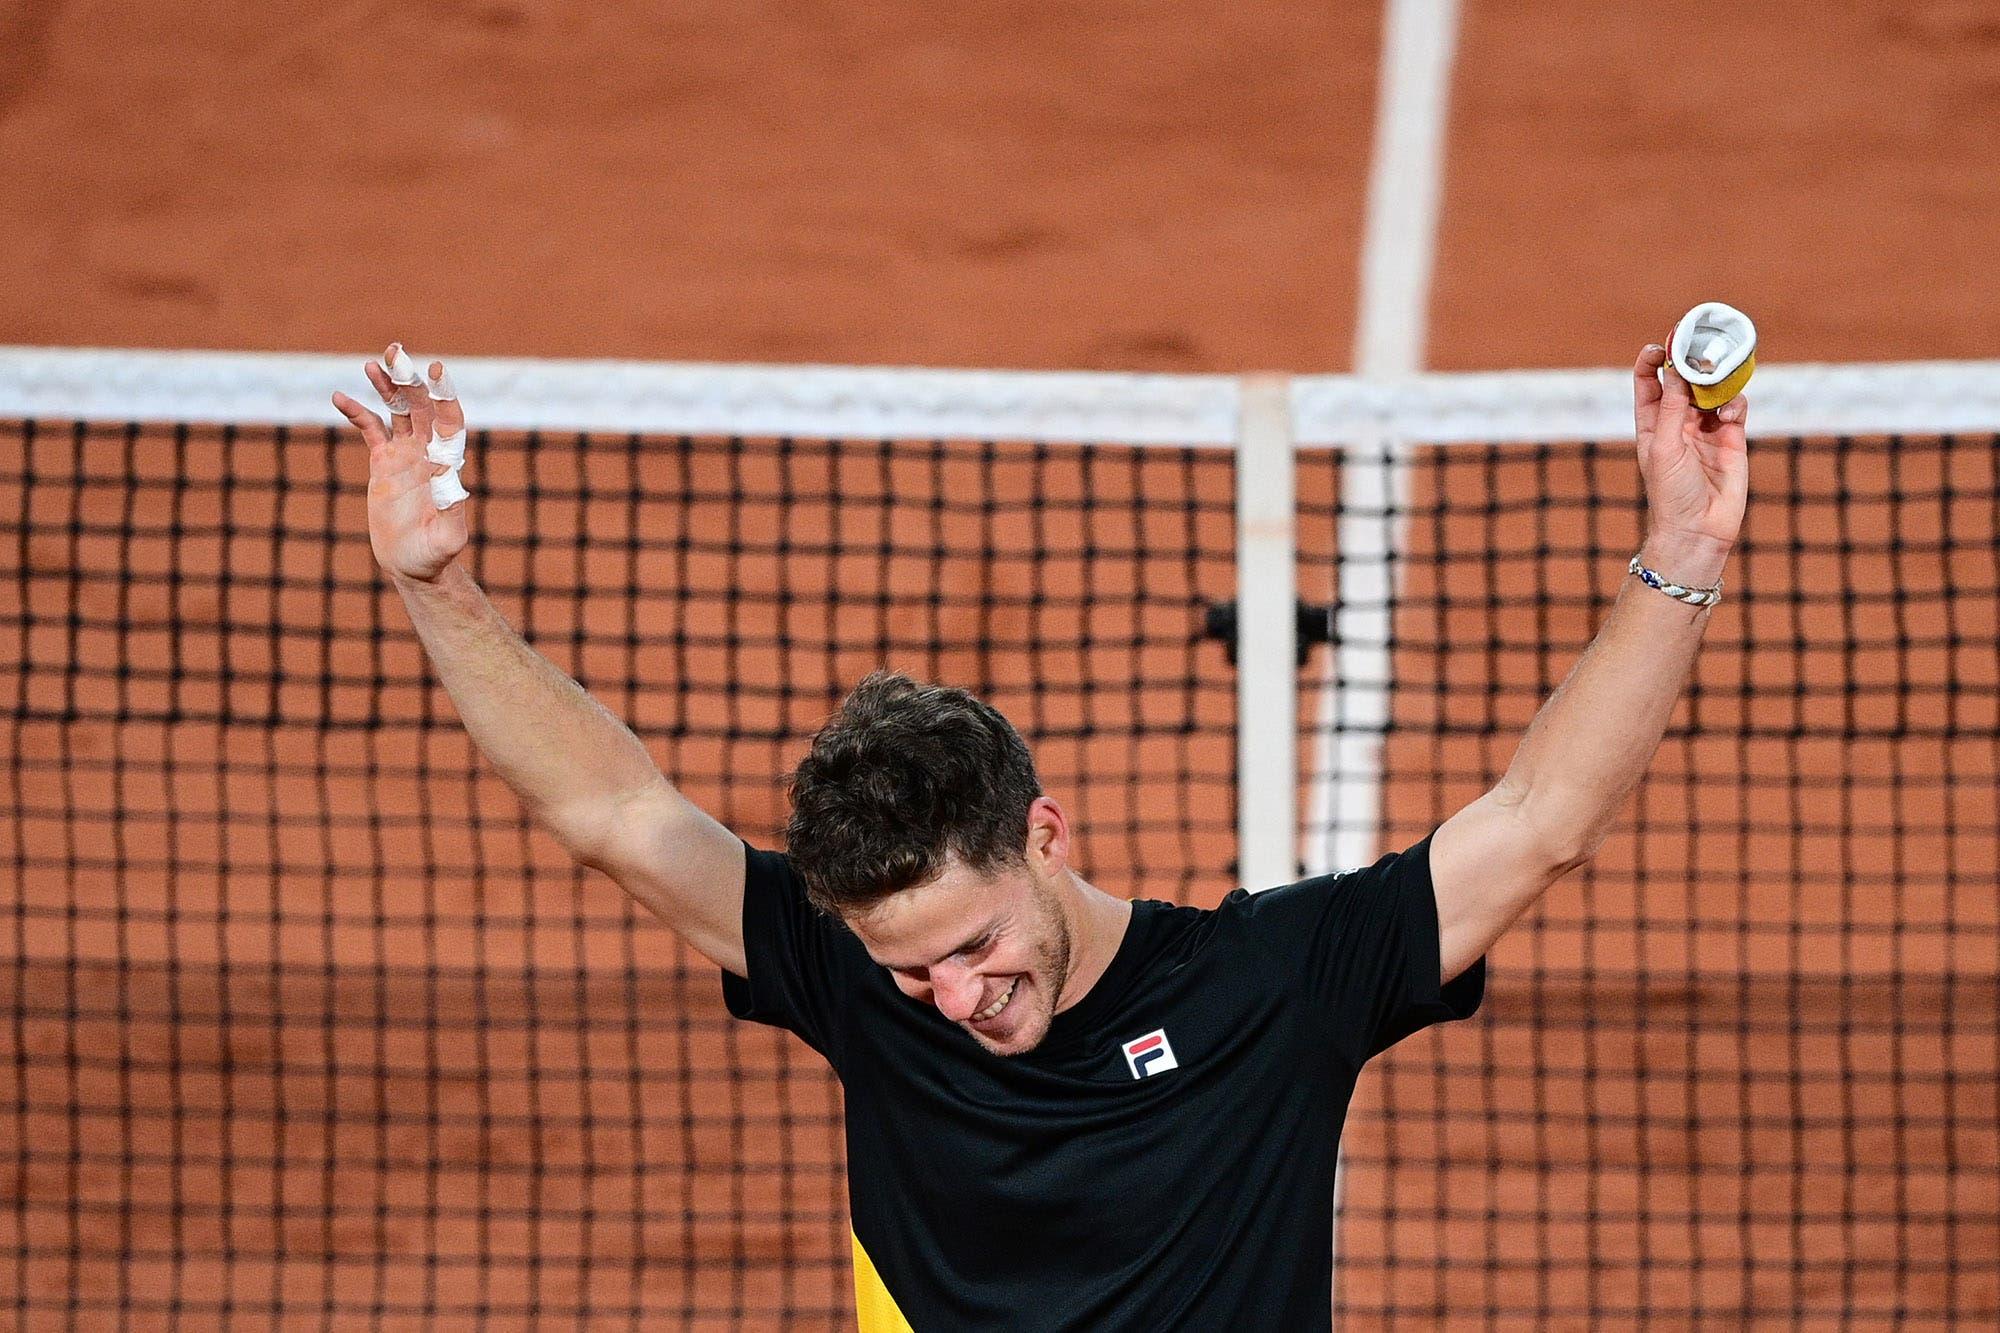 Diego Schwartzman: cómo vio el triunfo de Podoroska y qué significa jugar contra Rafael Nadal en Roland Garros